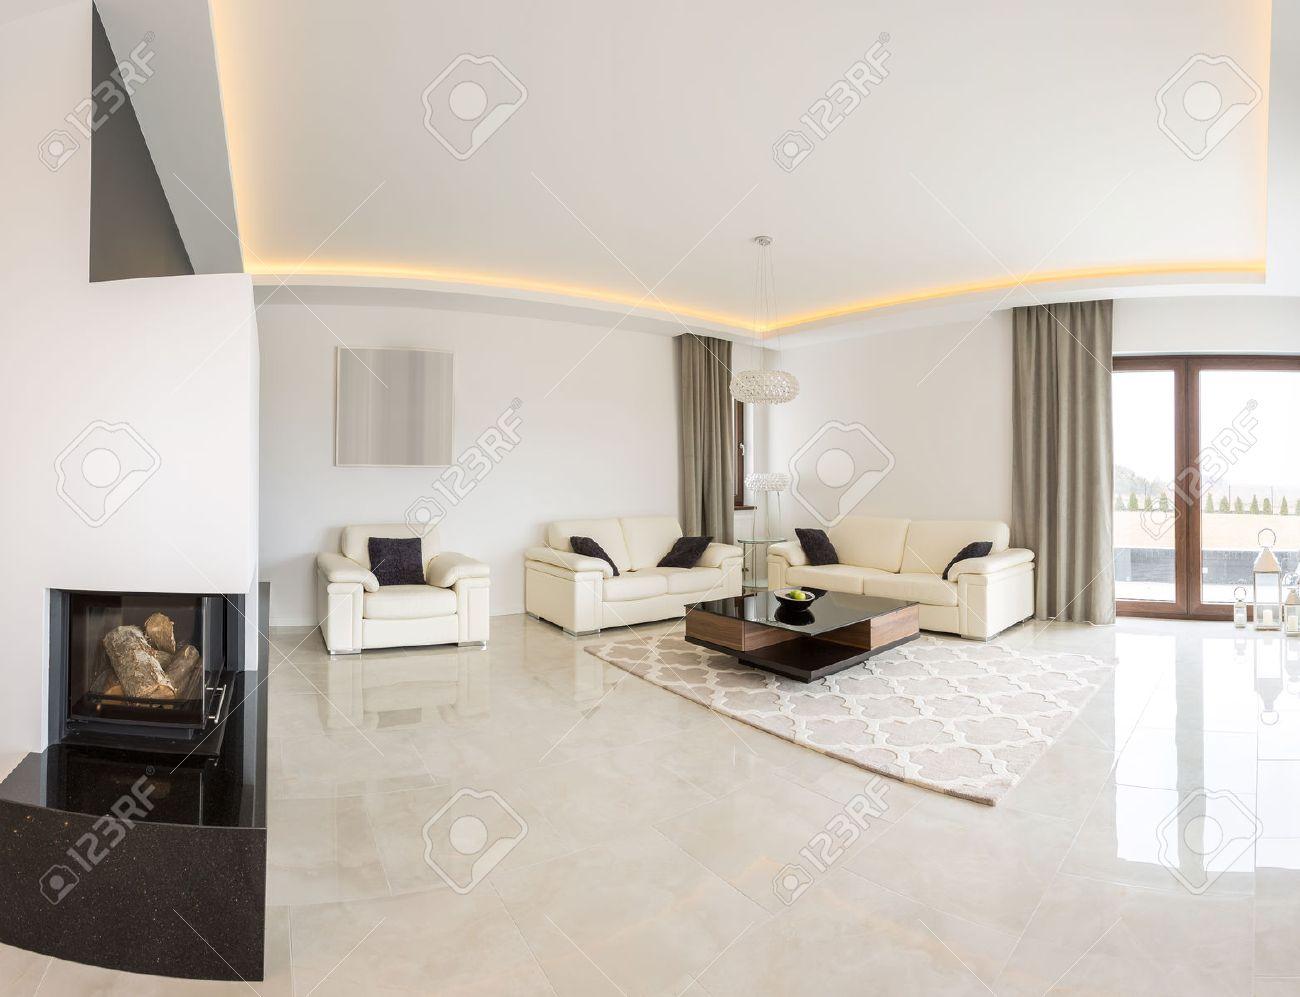 ampio luminoso soggiorno con camino e pavimento in marmo foto ... - Soggiorno Luminoso